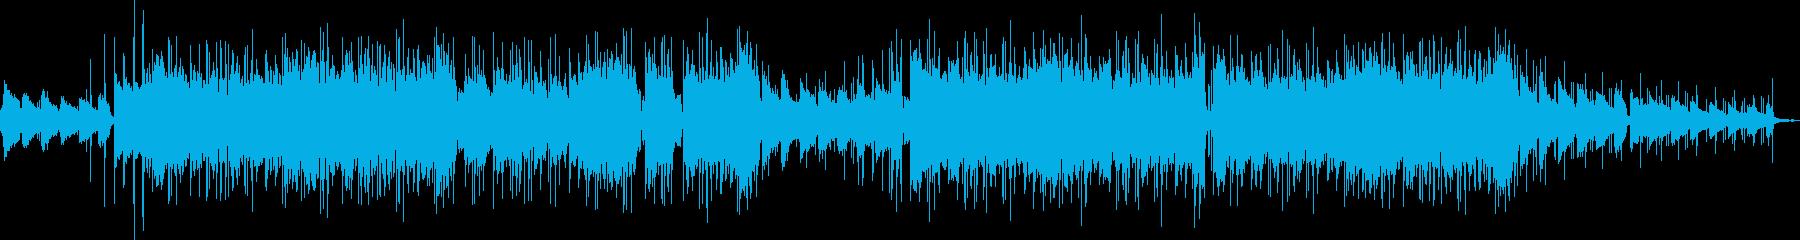 メロウなLo-fi HipHop風の再生済みの波形